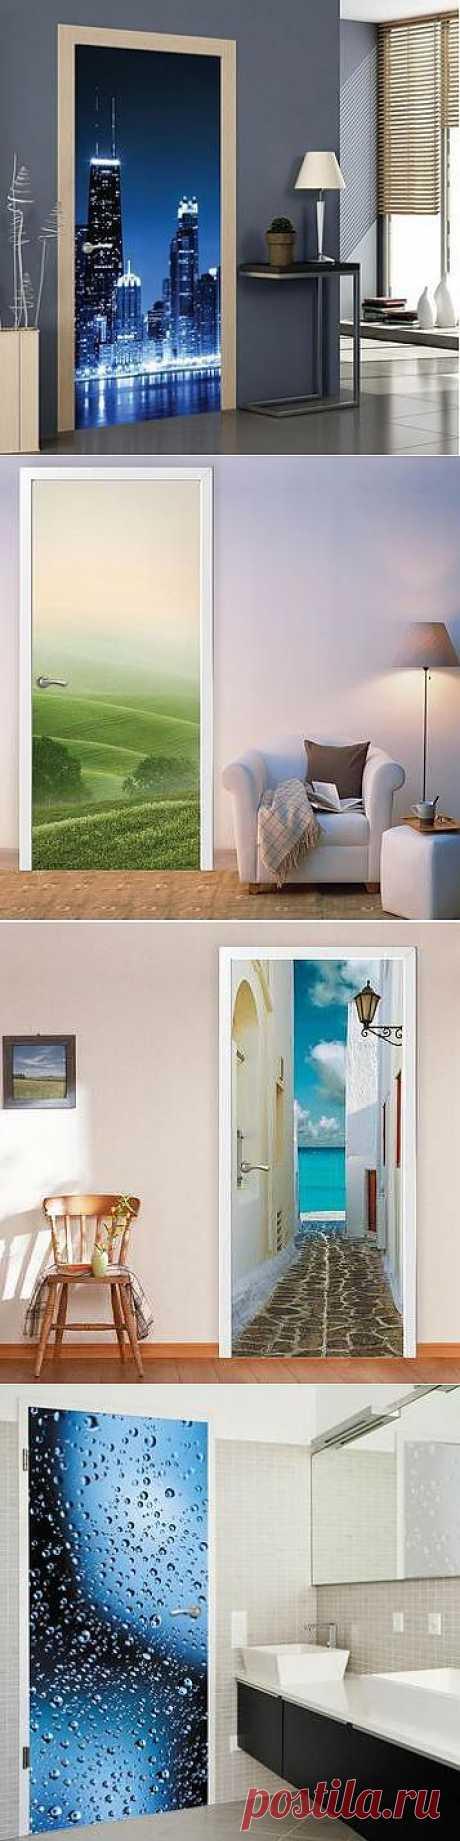 Фотообои на дверь: оригинальный декор для дома | Дом-Цветник. купить в интернет магазине >>>